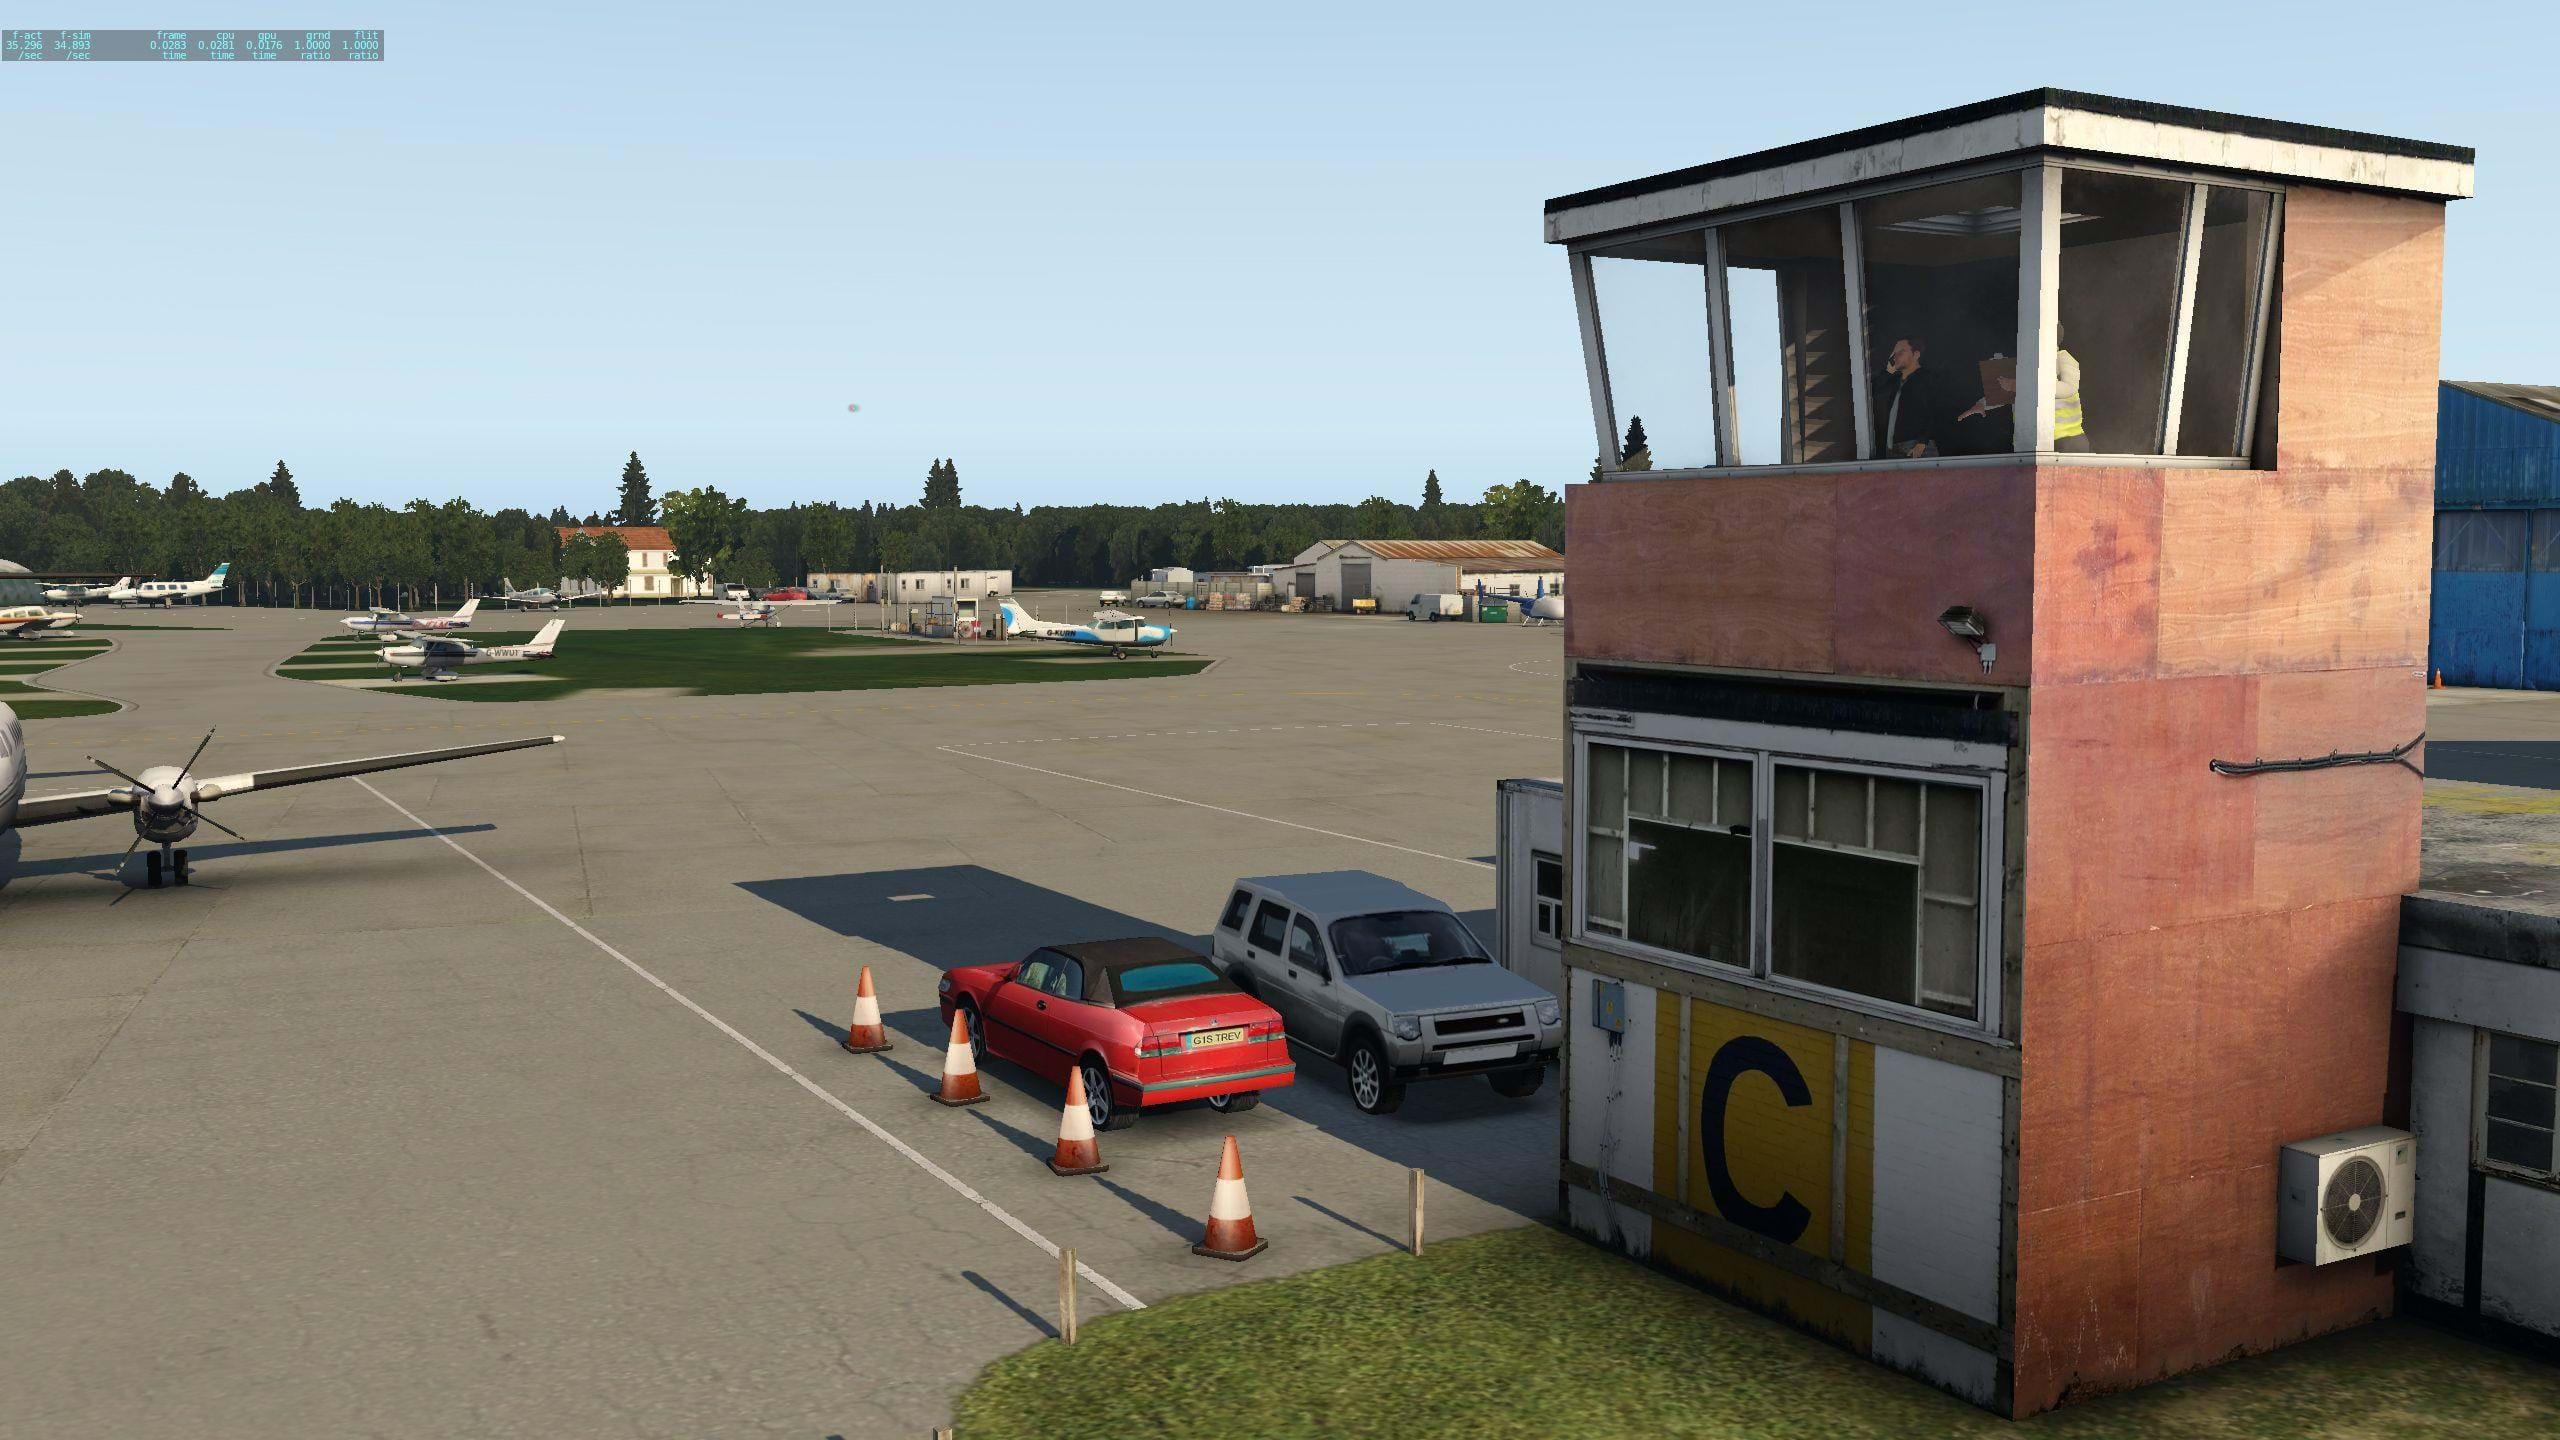 Review: ORBX Elstree Aerodrome (EGTR) for X-plane